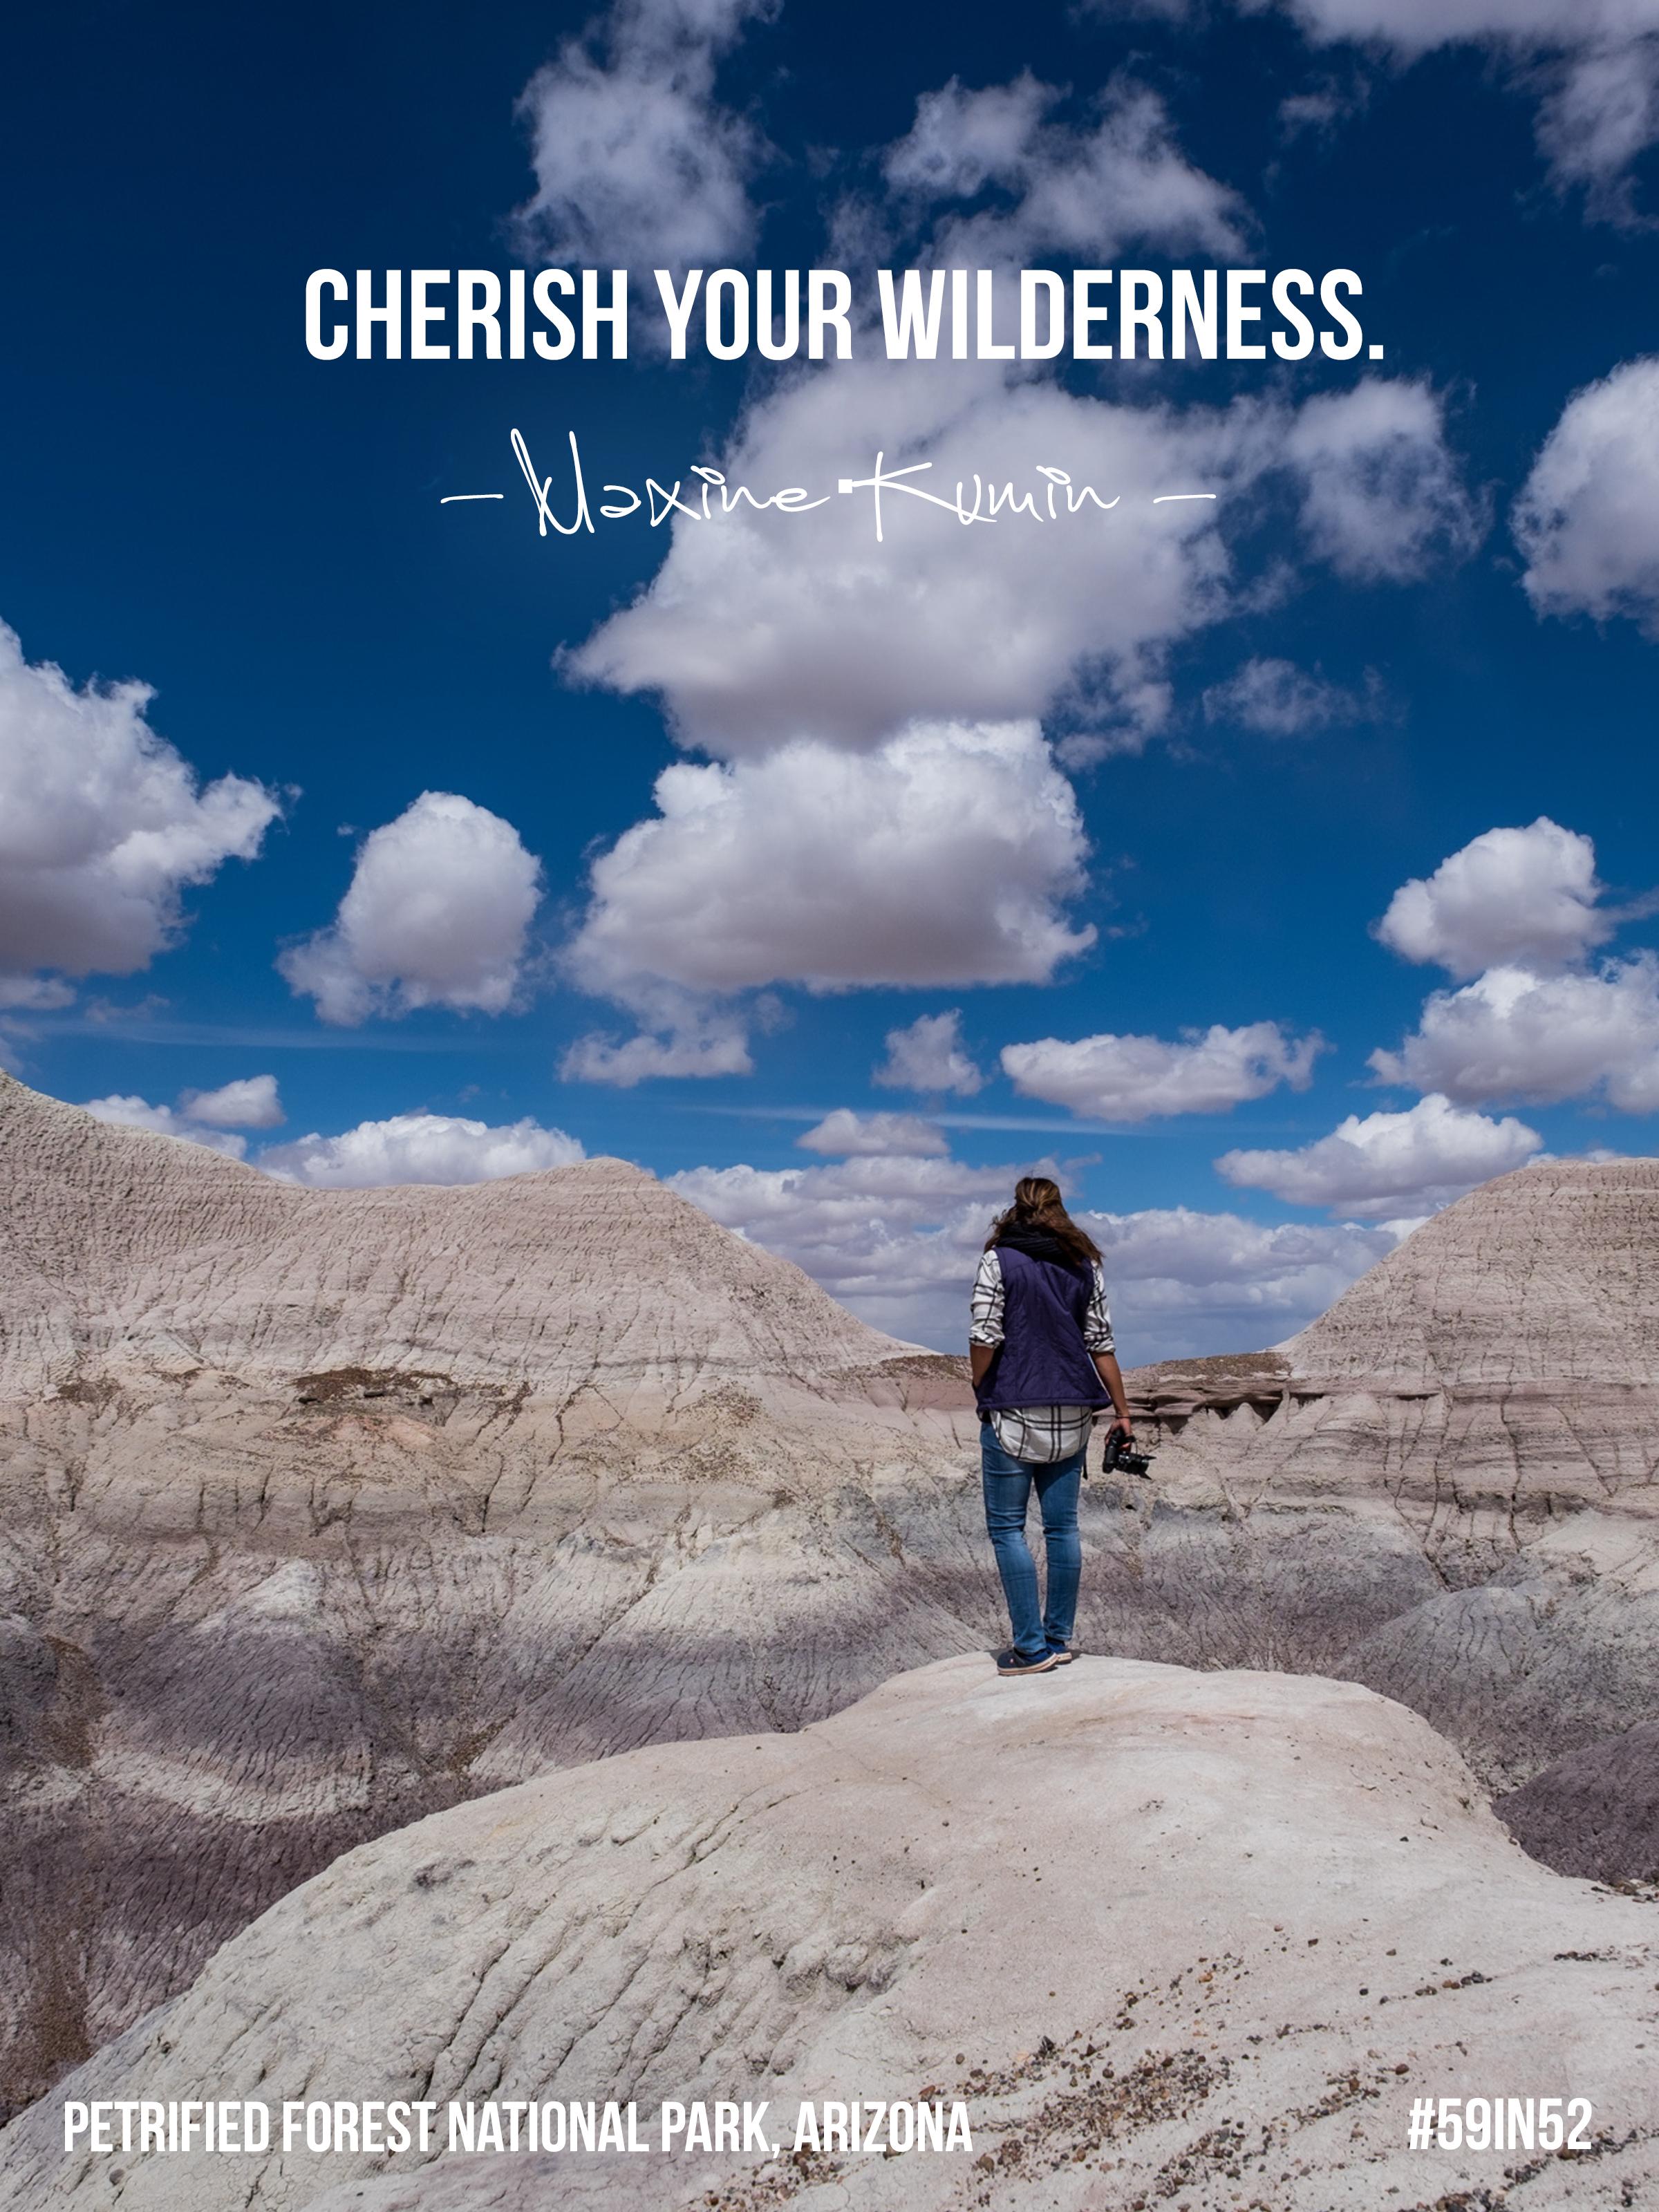 """""""Cherish your wilderness."""" -Maxine Kumin"""